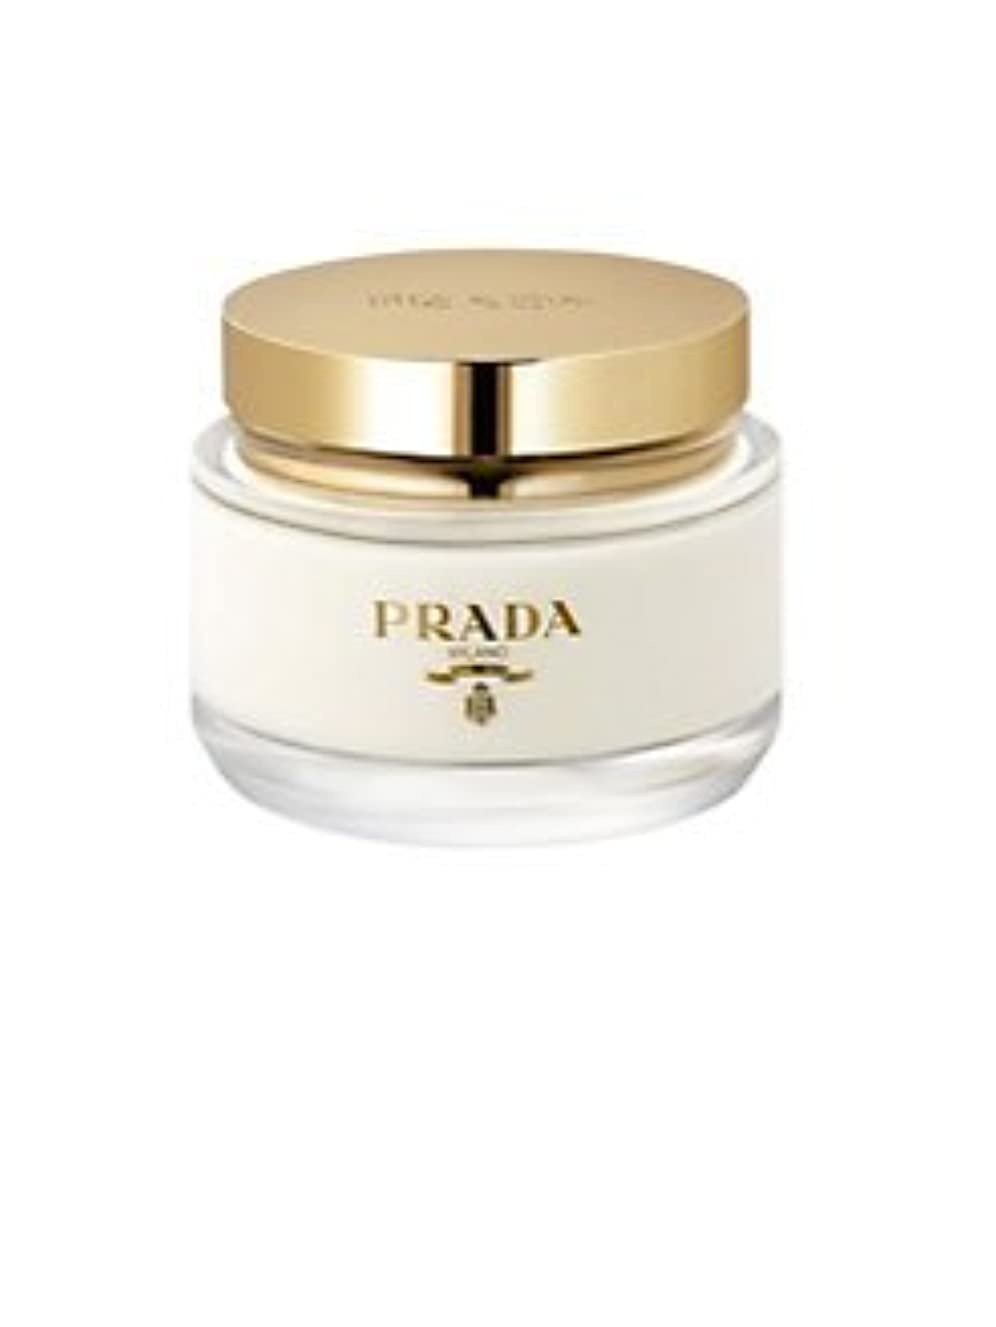 平らにするピッチャー意欲La Femme Prada (ラ フェム プラダ) 6.7 oz (200ml) Body Cream for Women